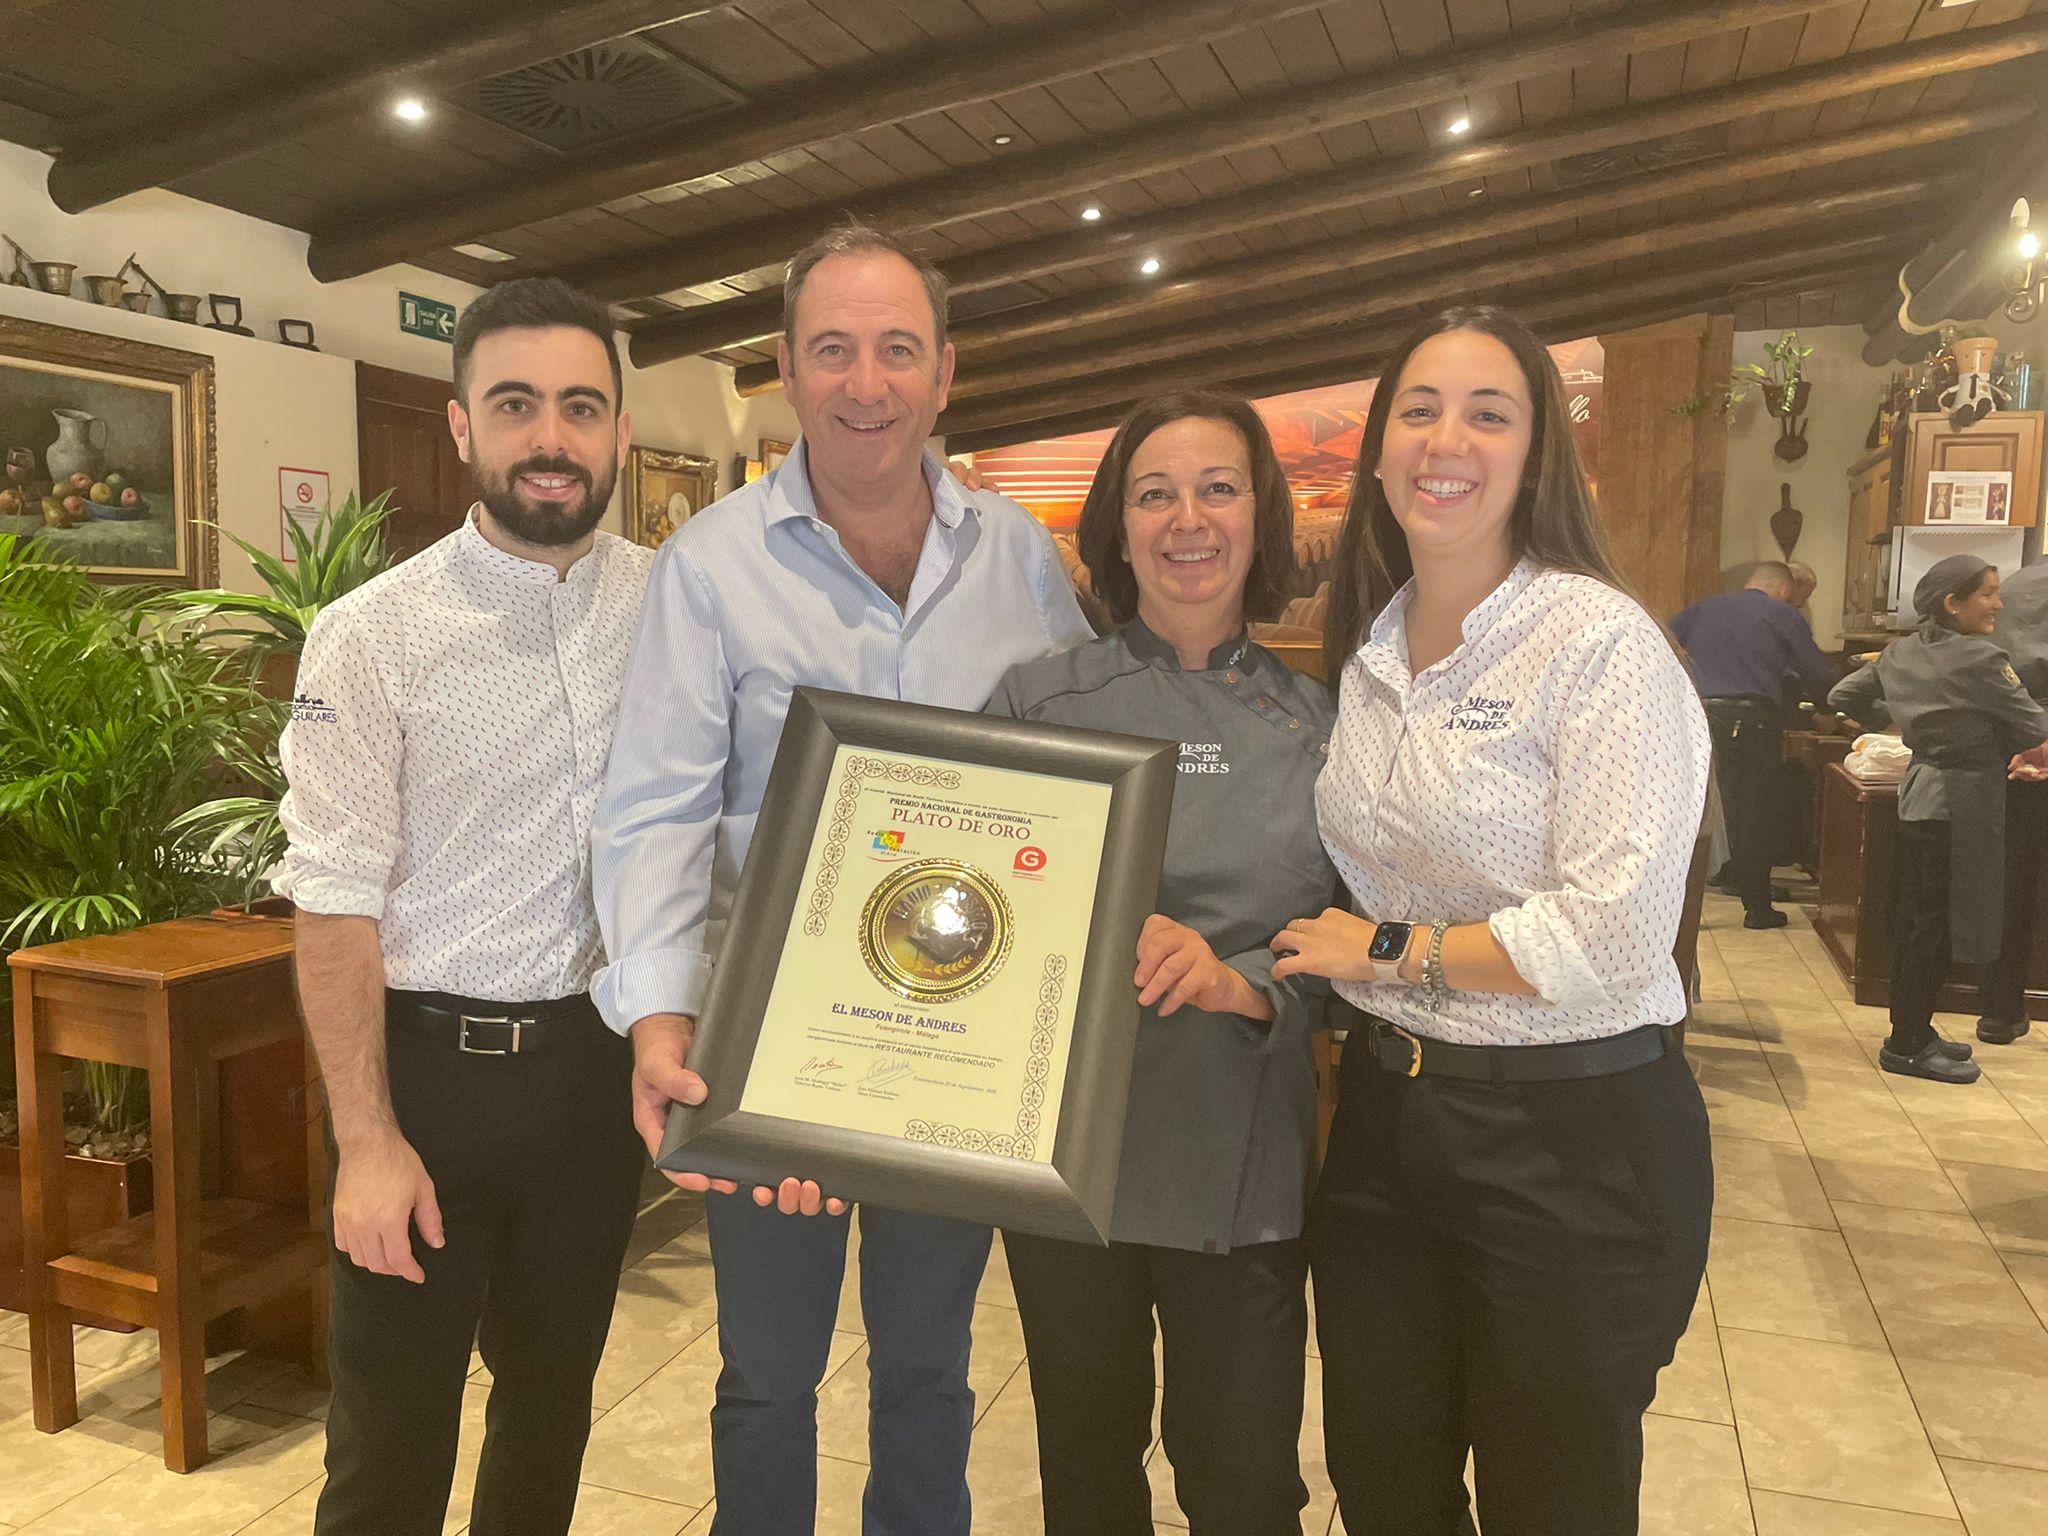 Hemos recibido el Premio Nacional de Gastronomía PLATO DE ORO